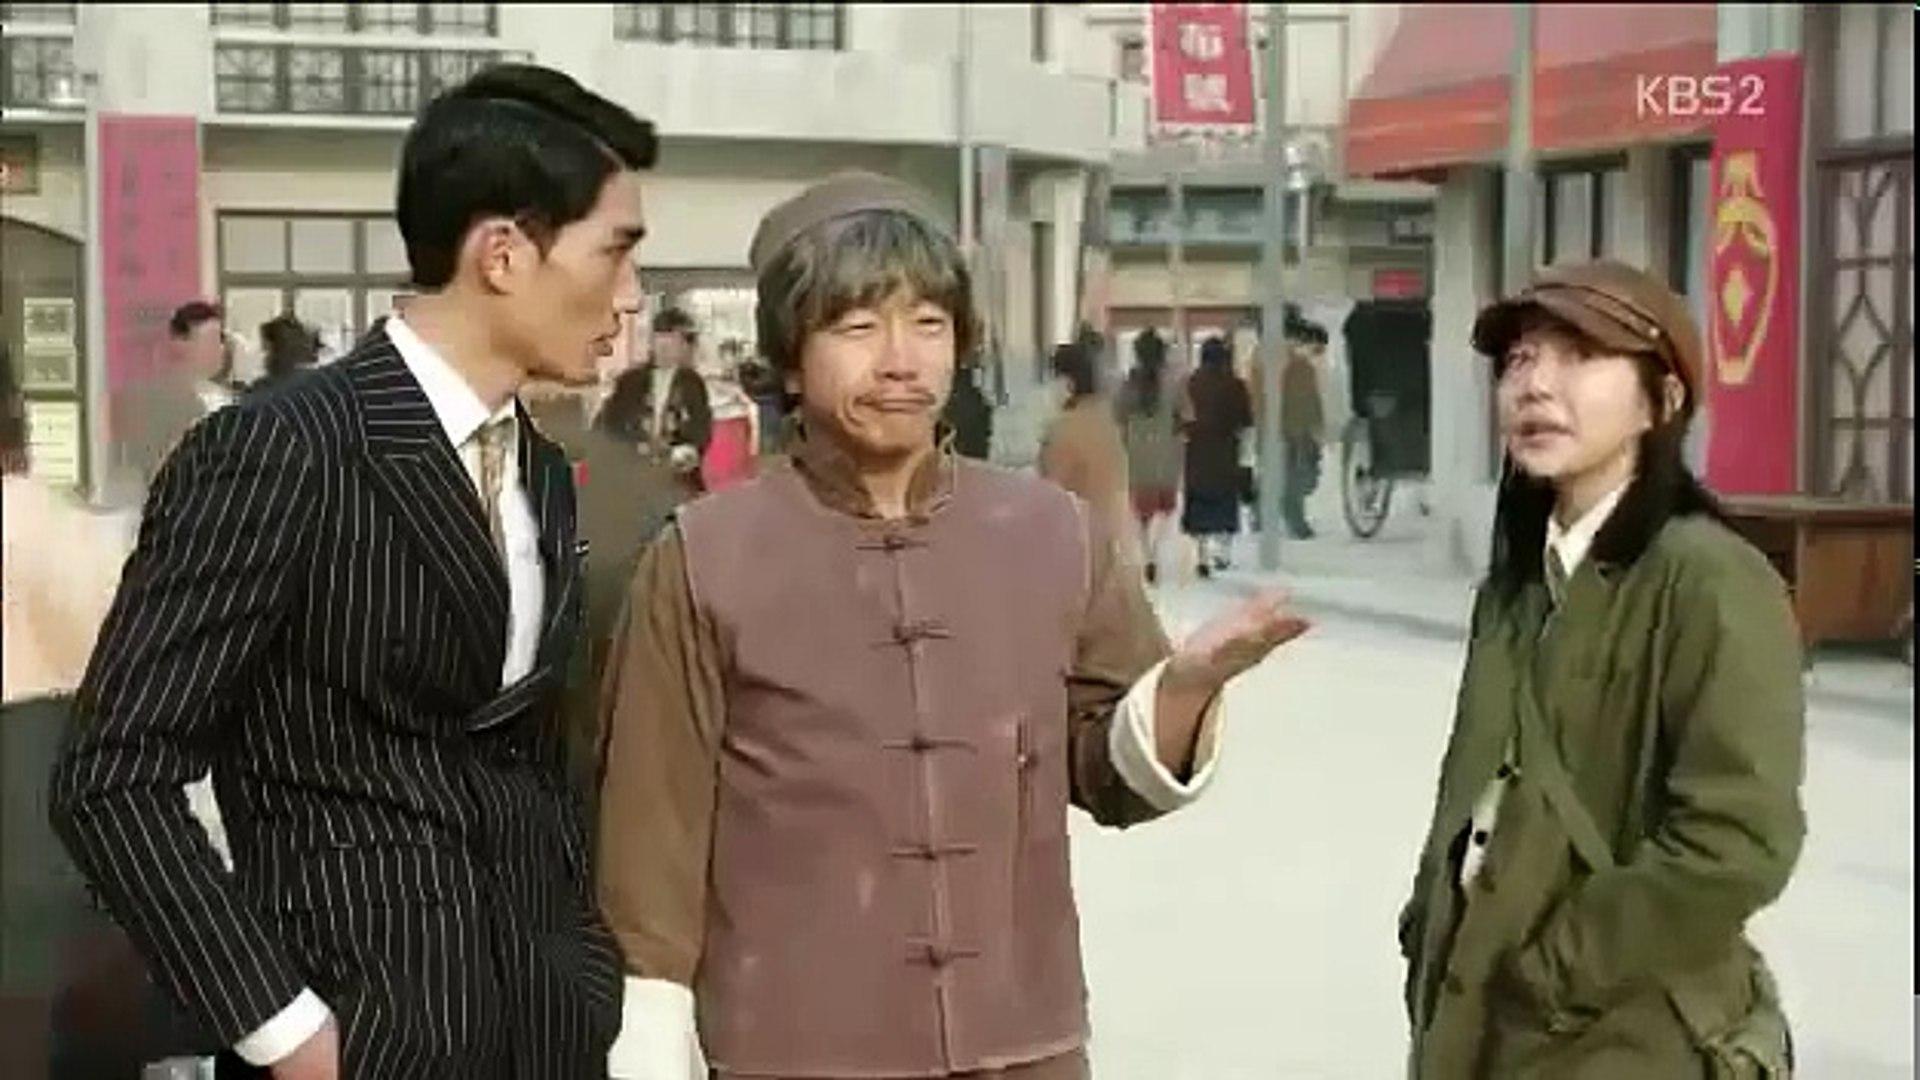 Anh Hùng Thời Đại Tập 13 - Anh Hùng Thời Đại - Phim Hàn Quốc